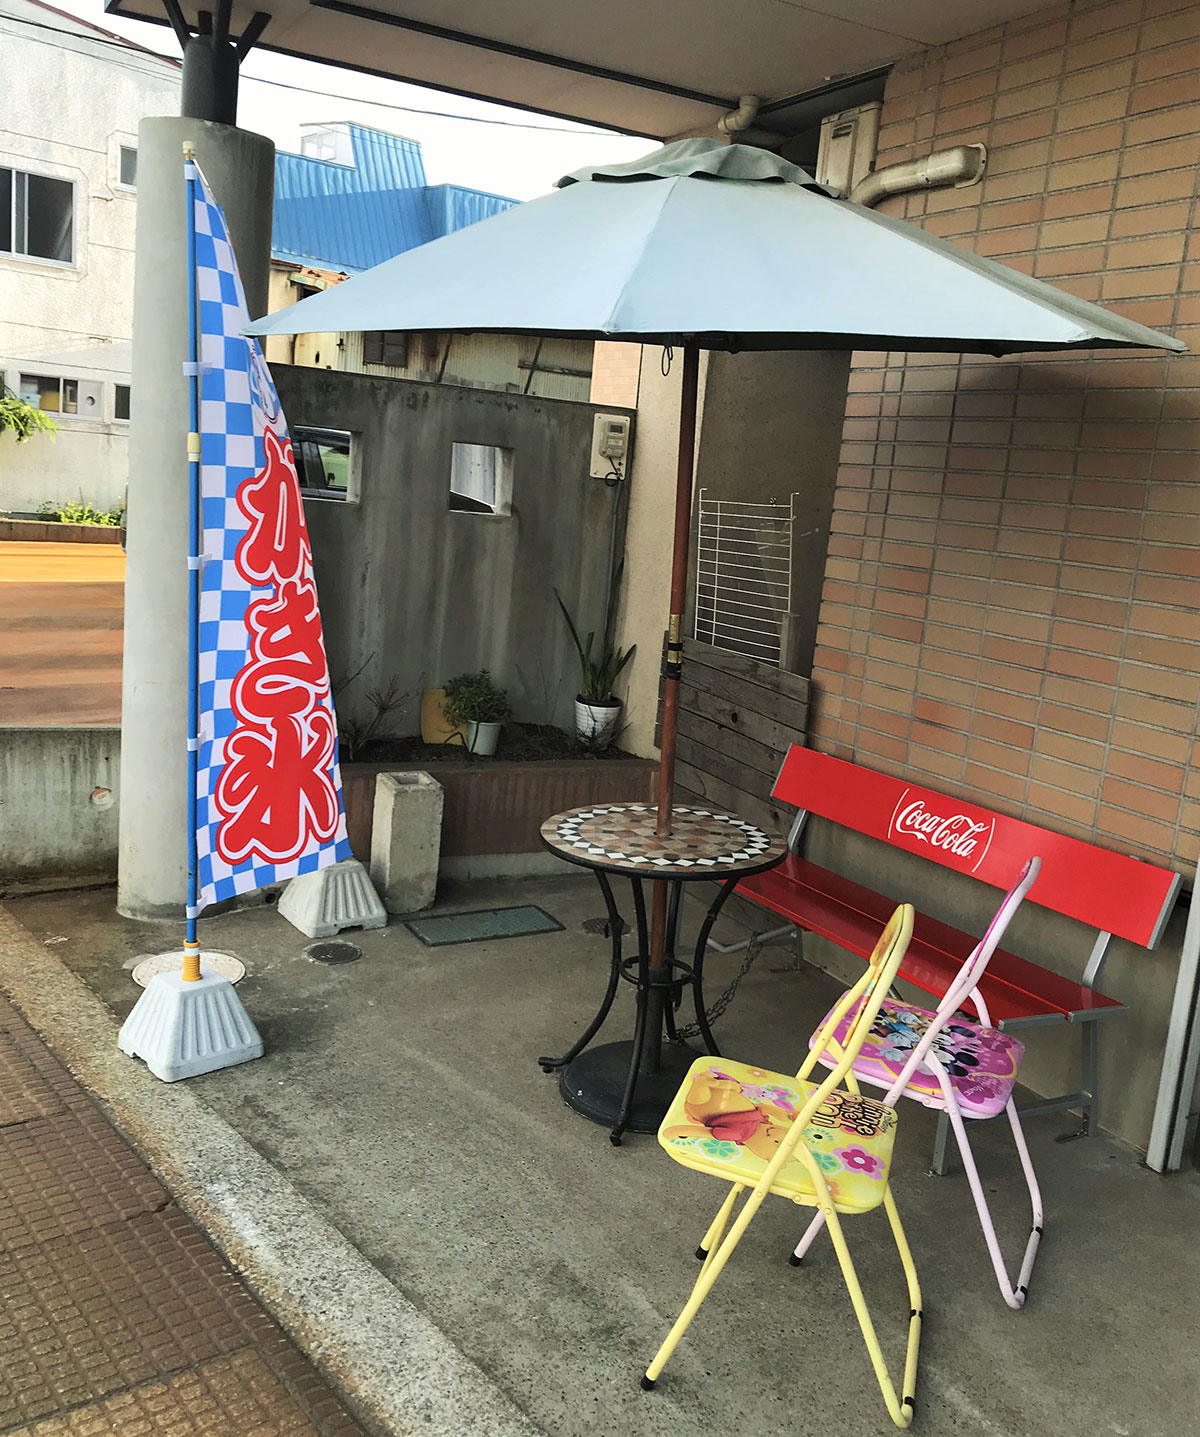 棟方冷菓店 旗周辺にあるかわいいイス